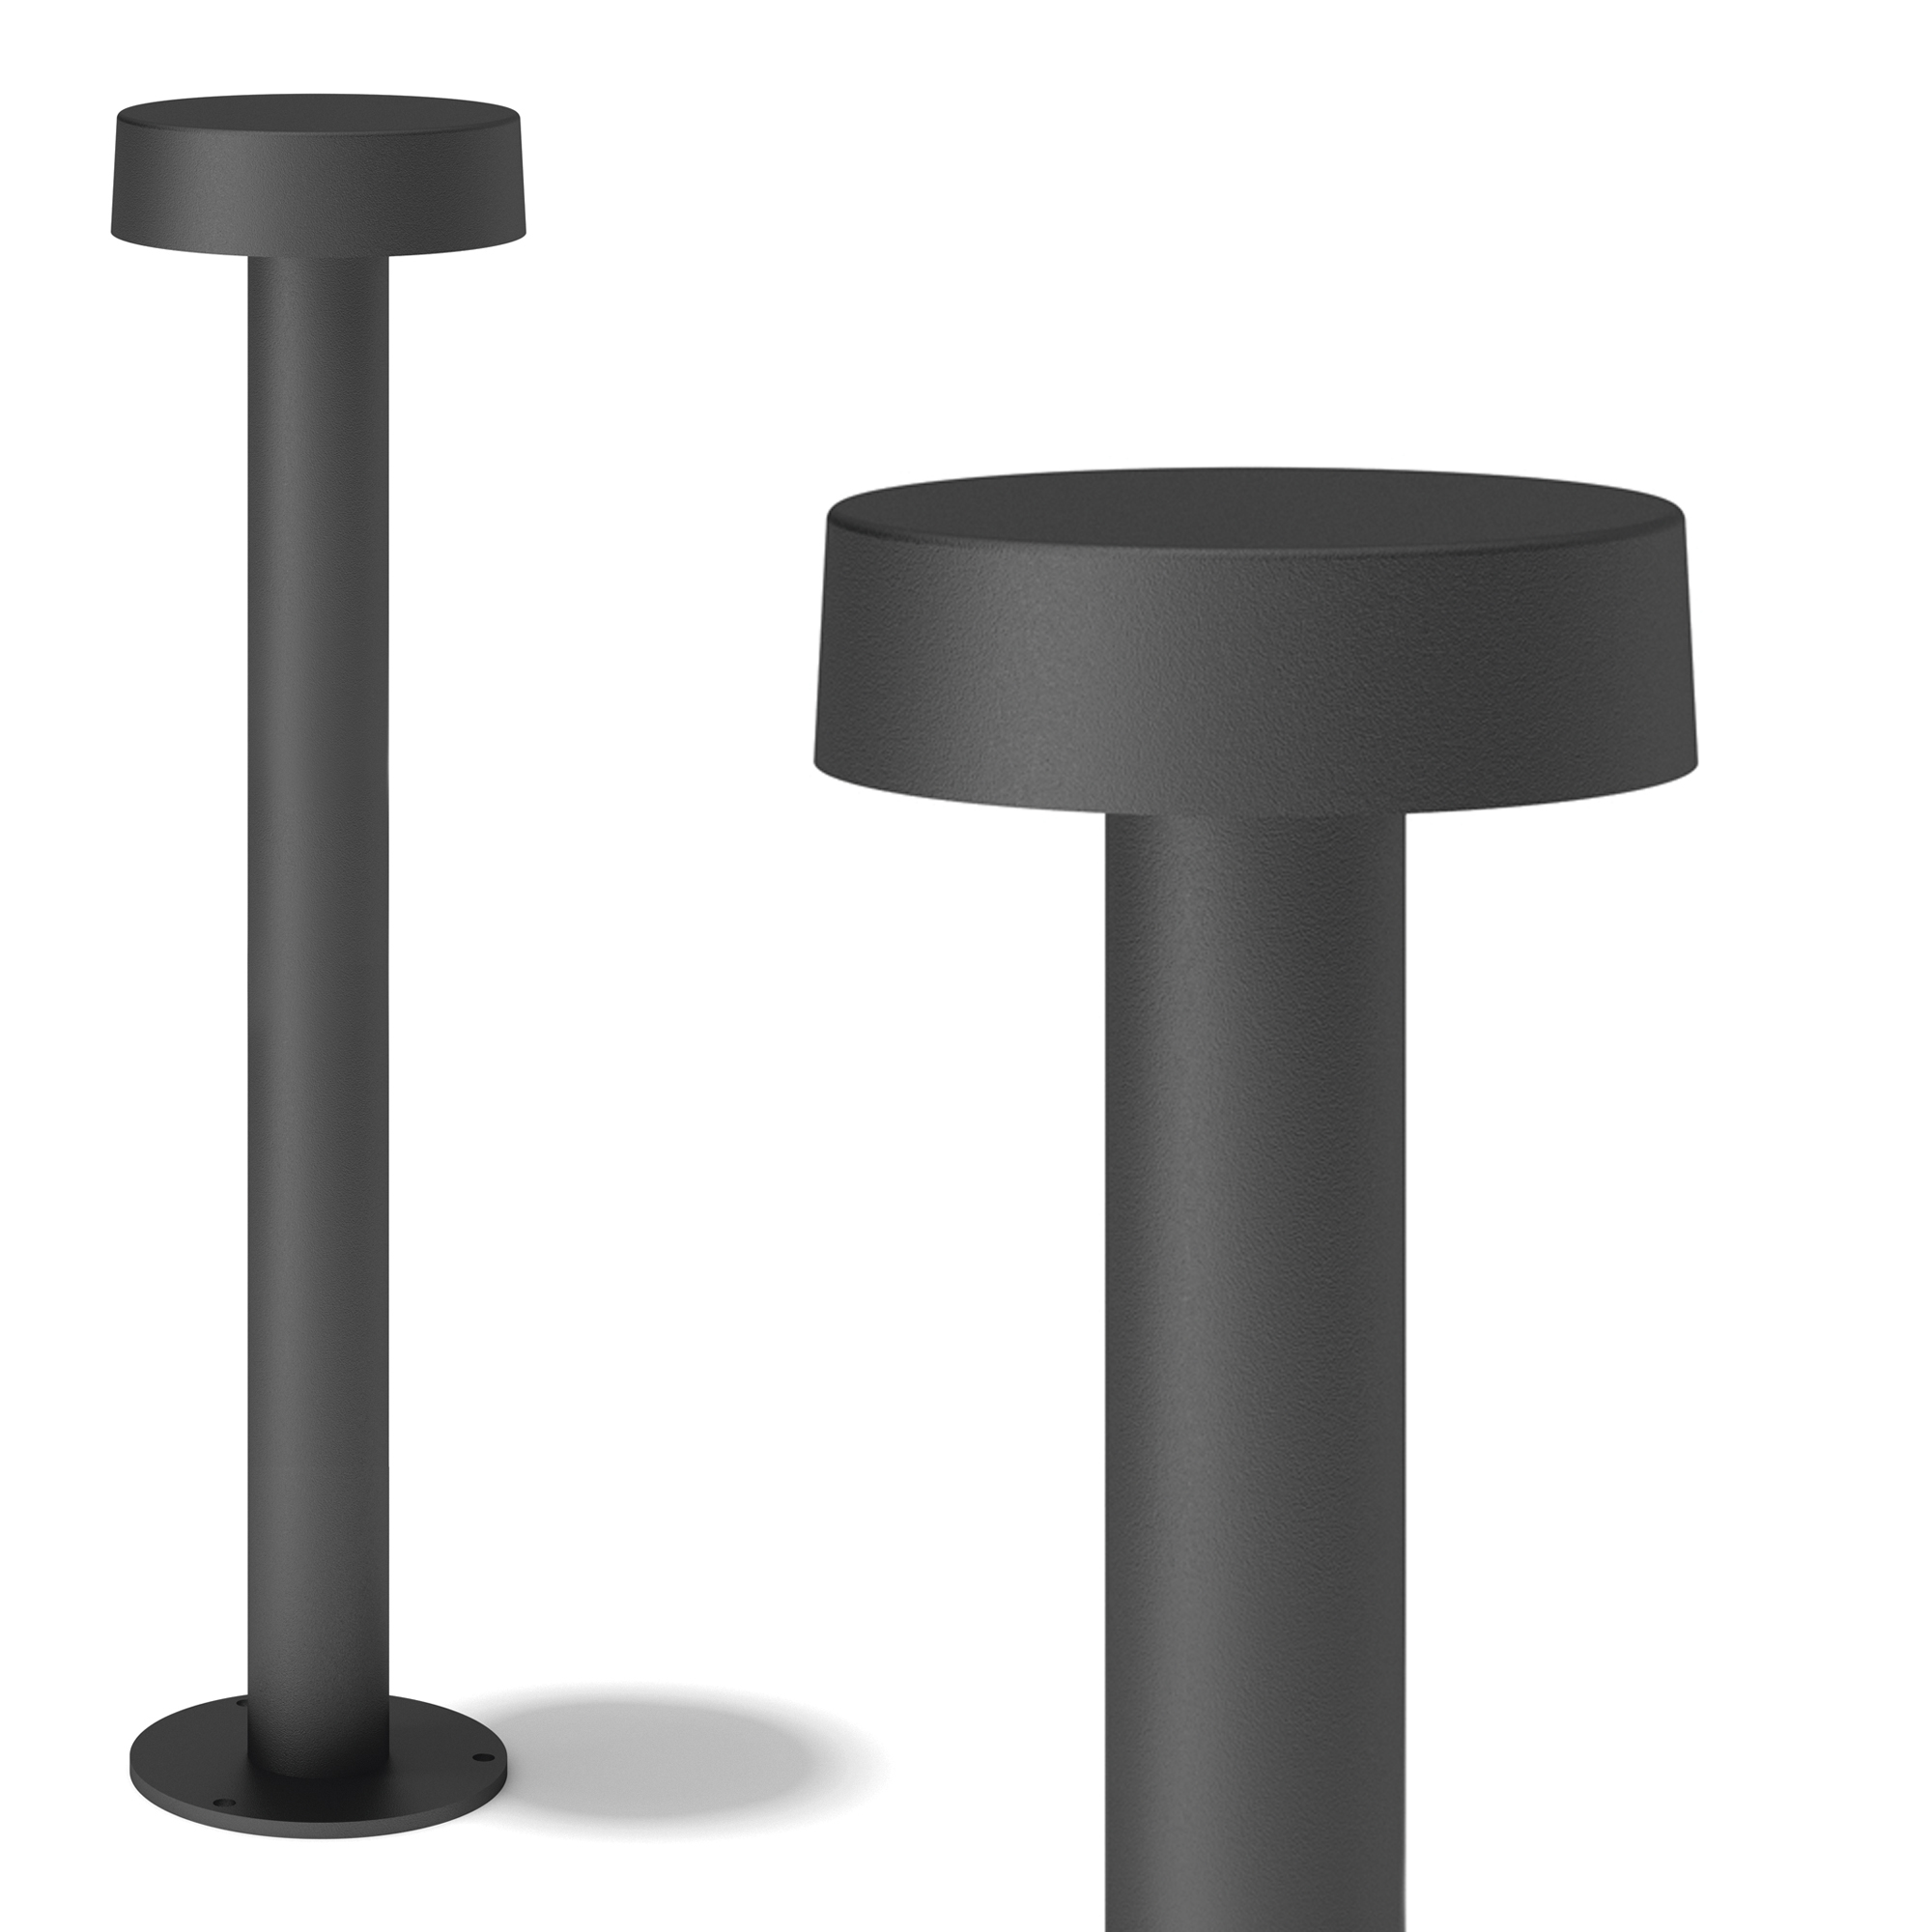 Iso Tuinlamp zwart